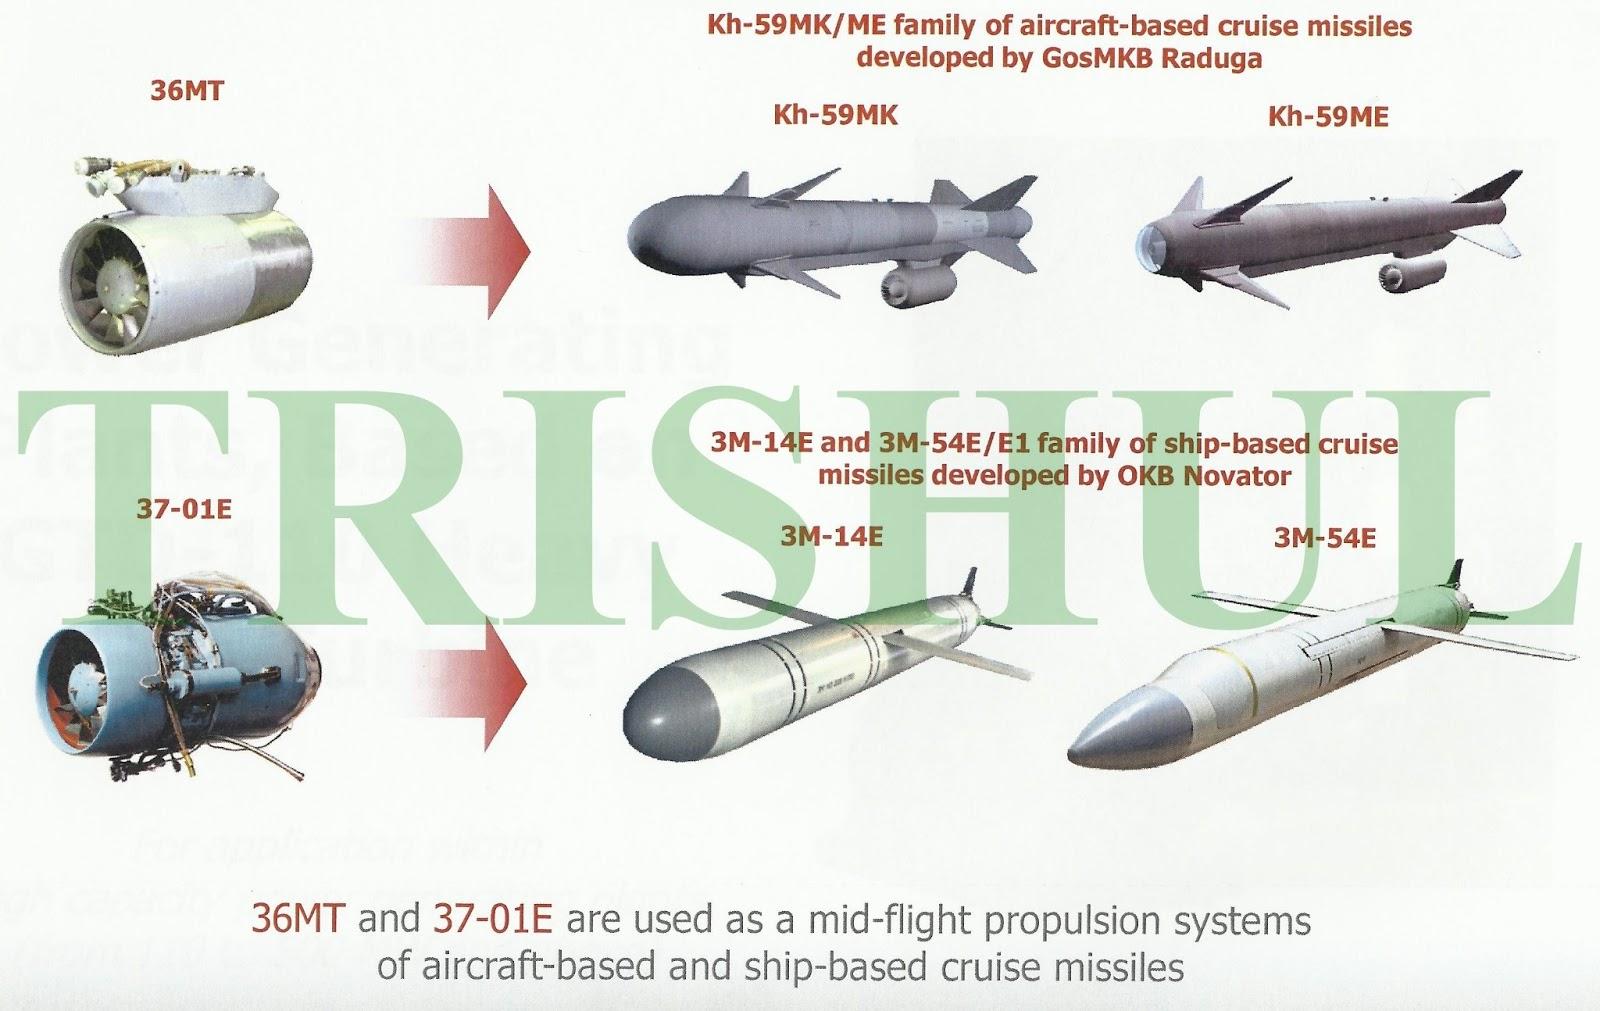 موتور توربوپراپ و پراپ فن روی موشکهای کروز و افزایش چند